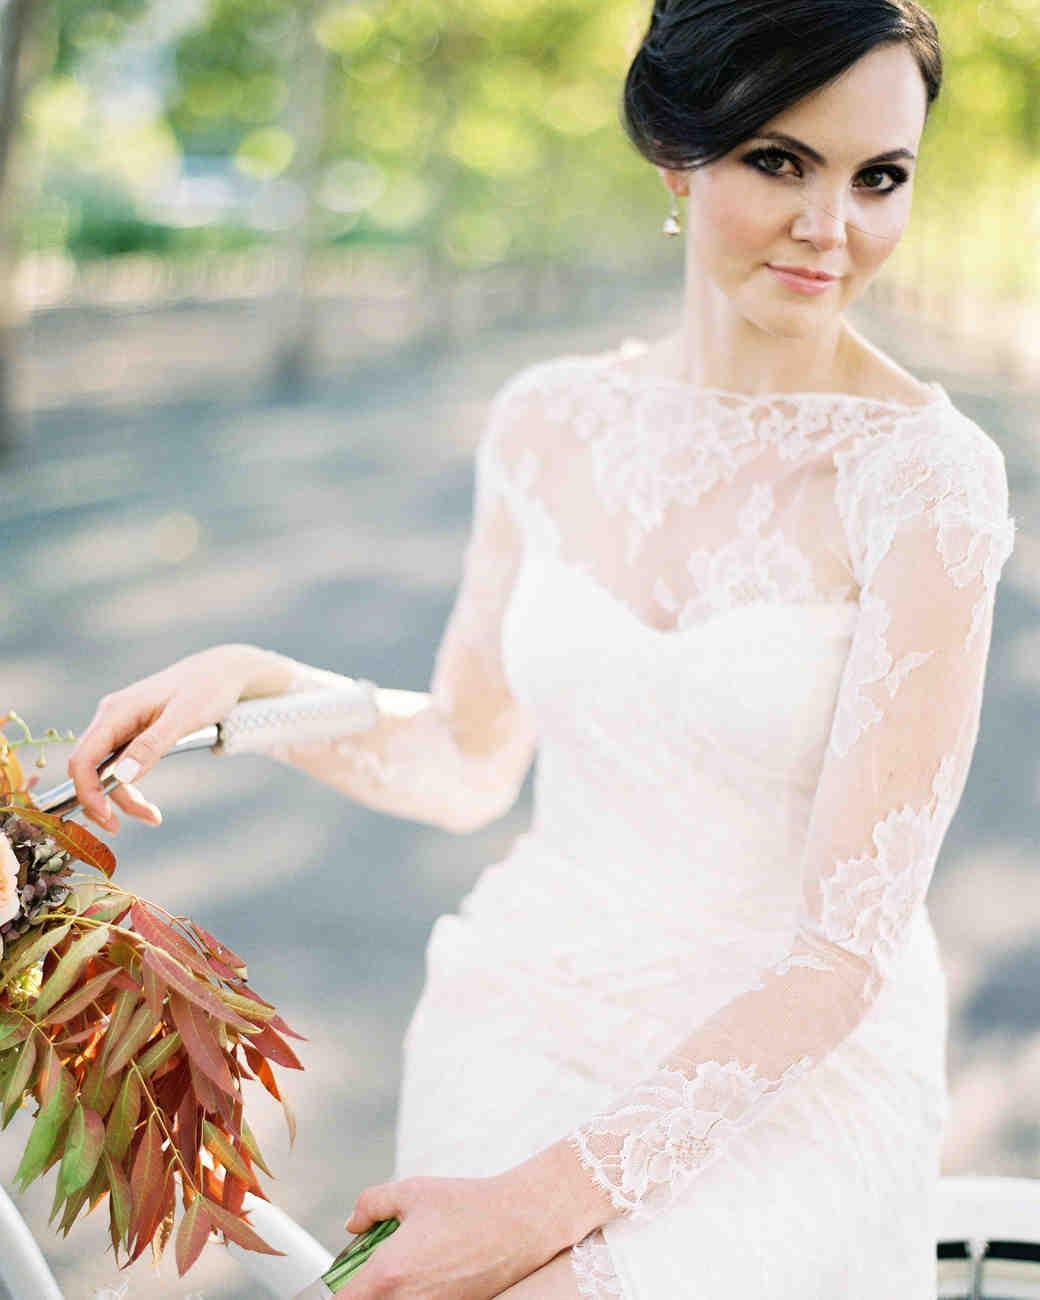 21 Ways to Wear a Boat Neck Wedding Dress | Martha Stewart Weddings